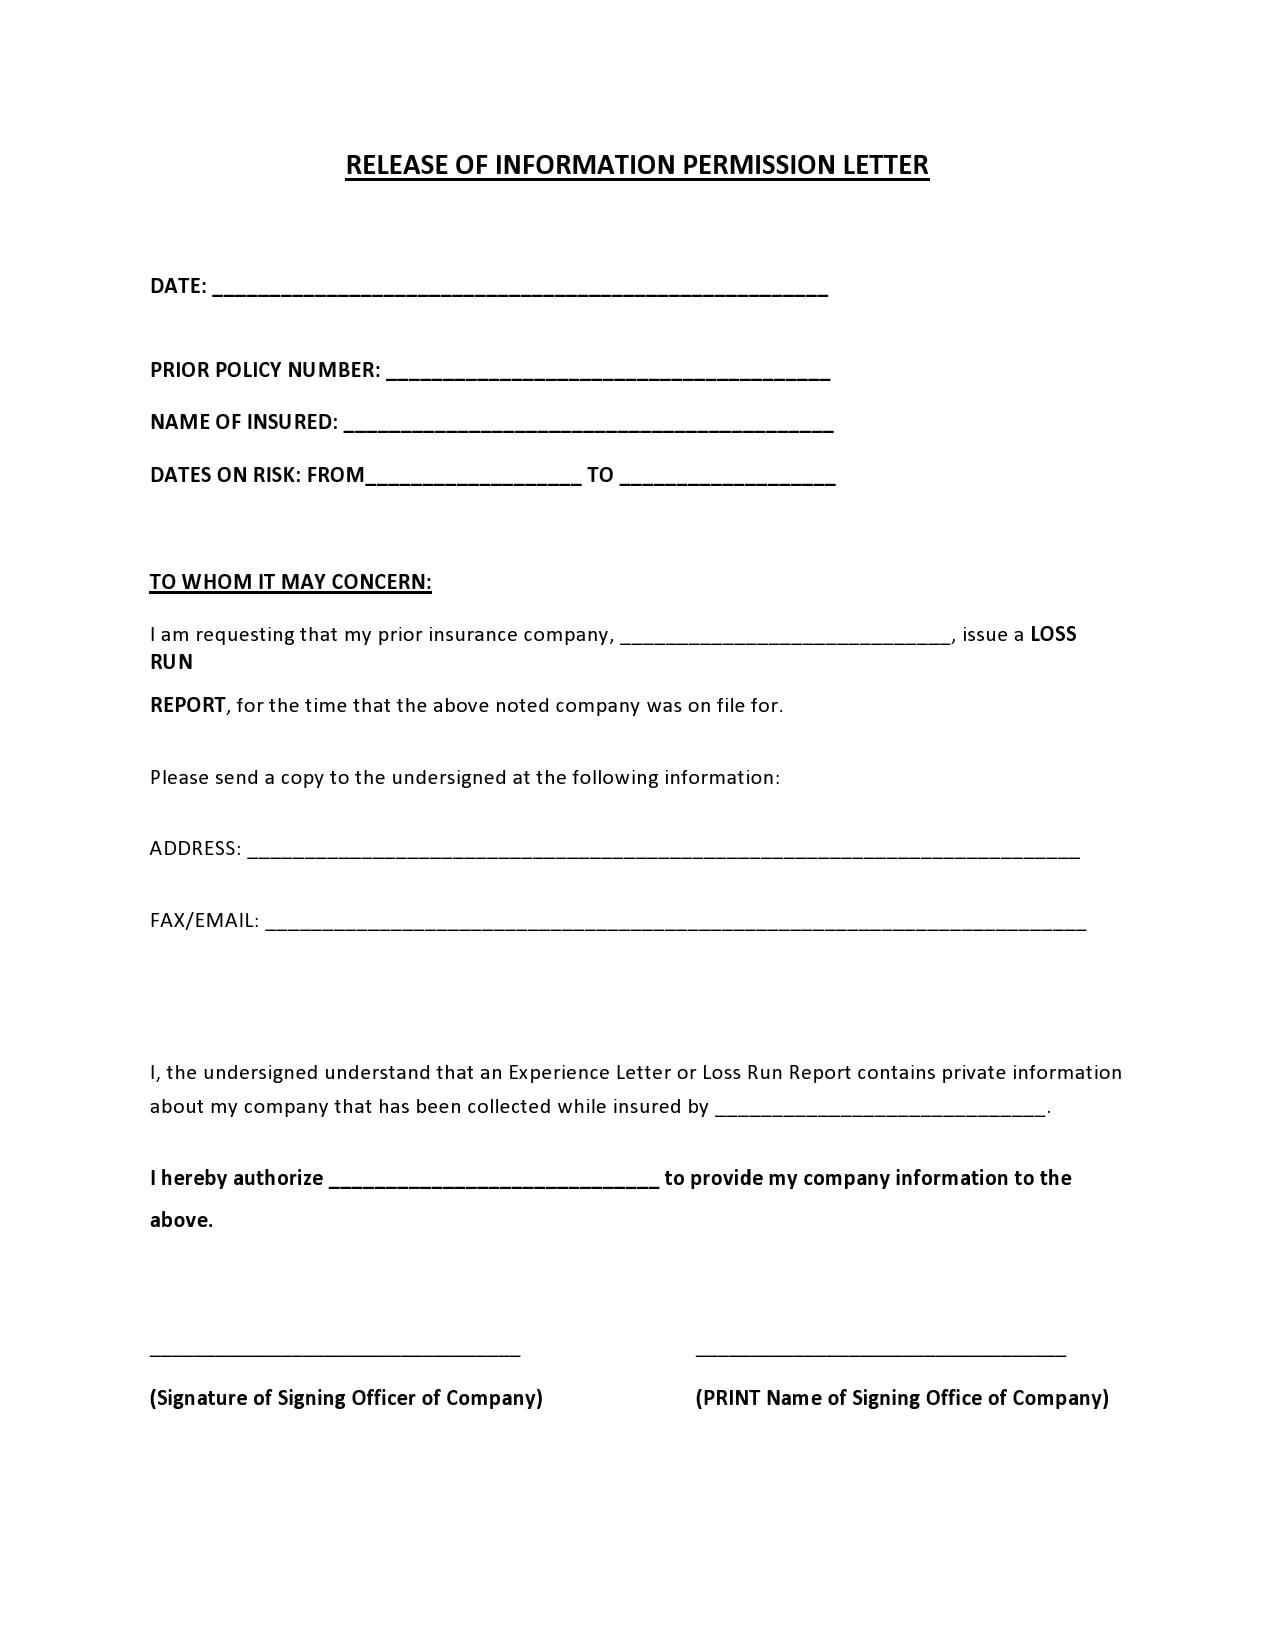 permission letter 20